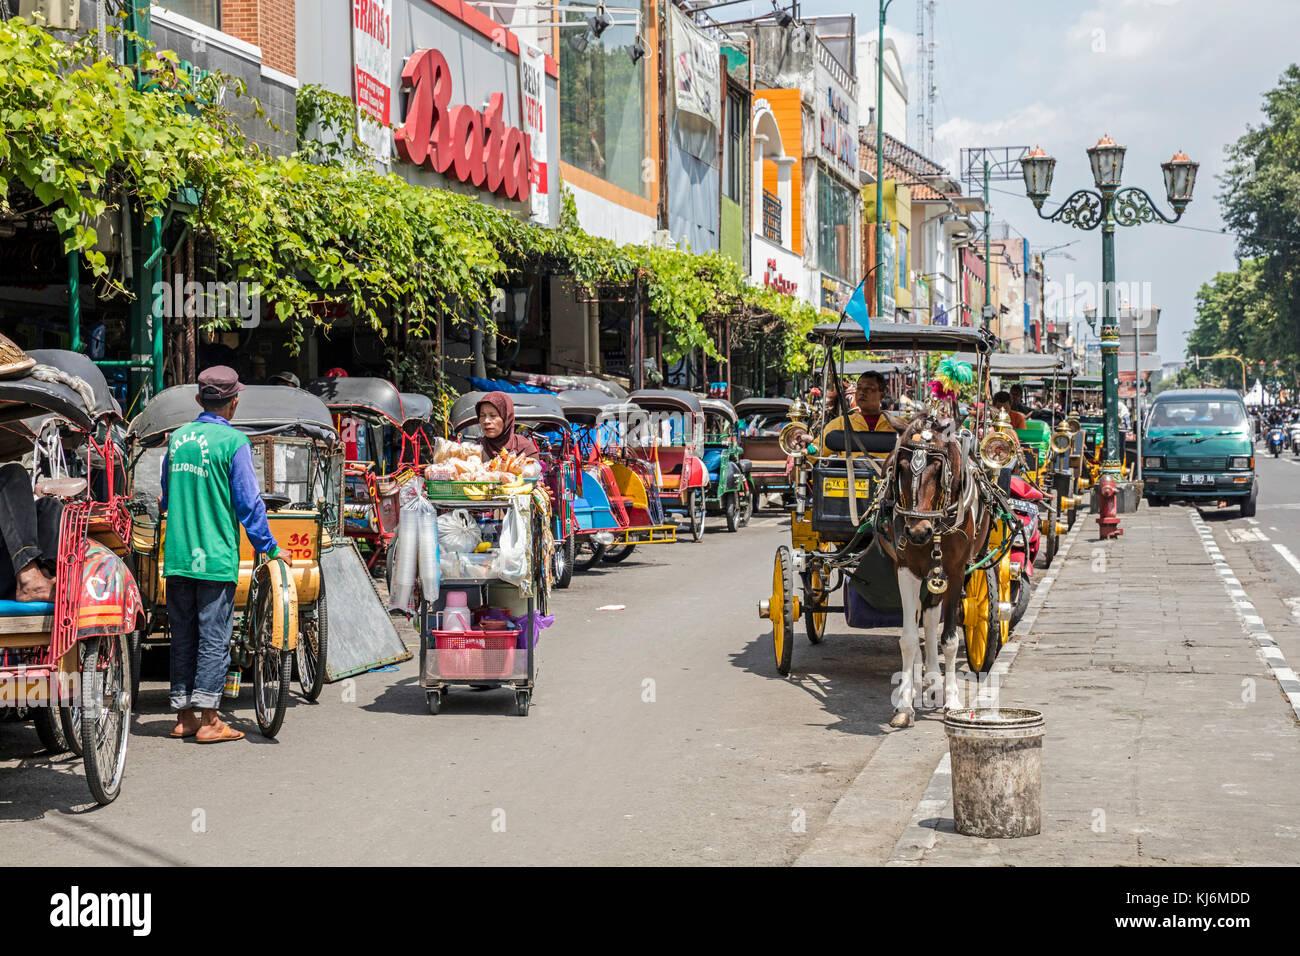 Zyklus Rikschas/becak und Pferdekutschen für den öffentlichen Verkehr in der Jalan Malioboro, wichtigsten Stockbild